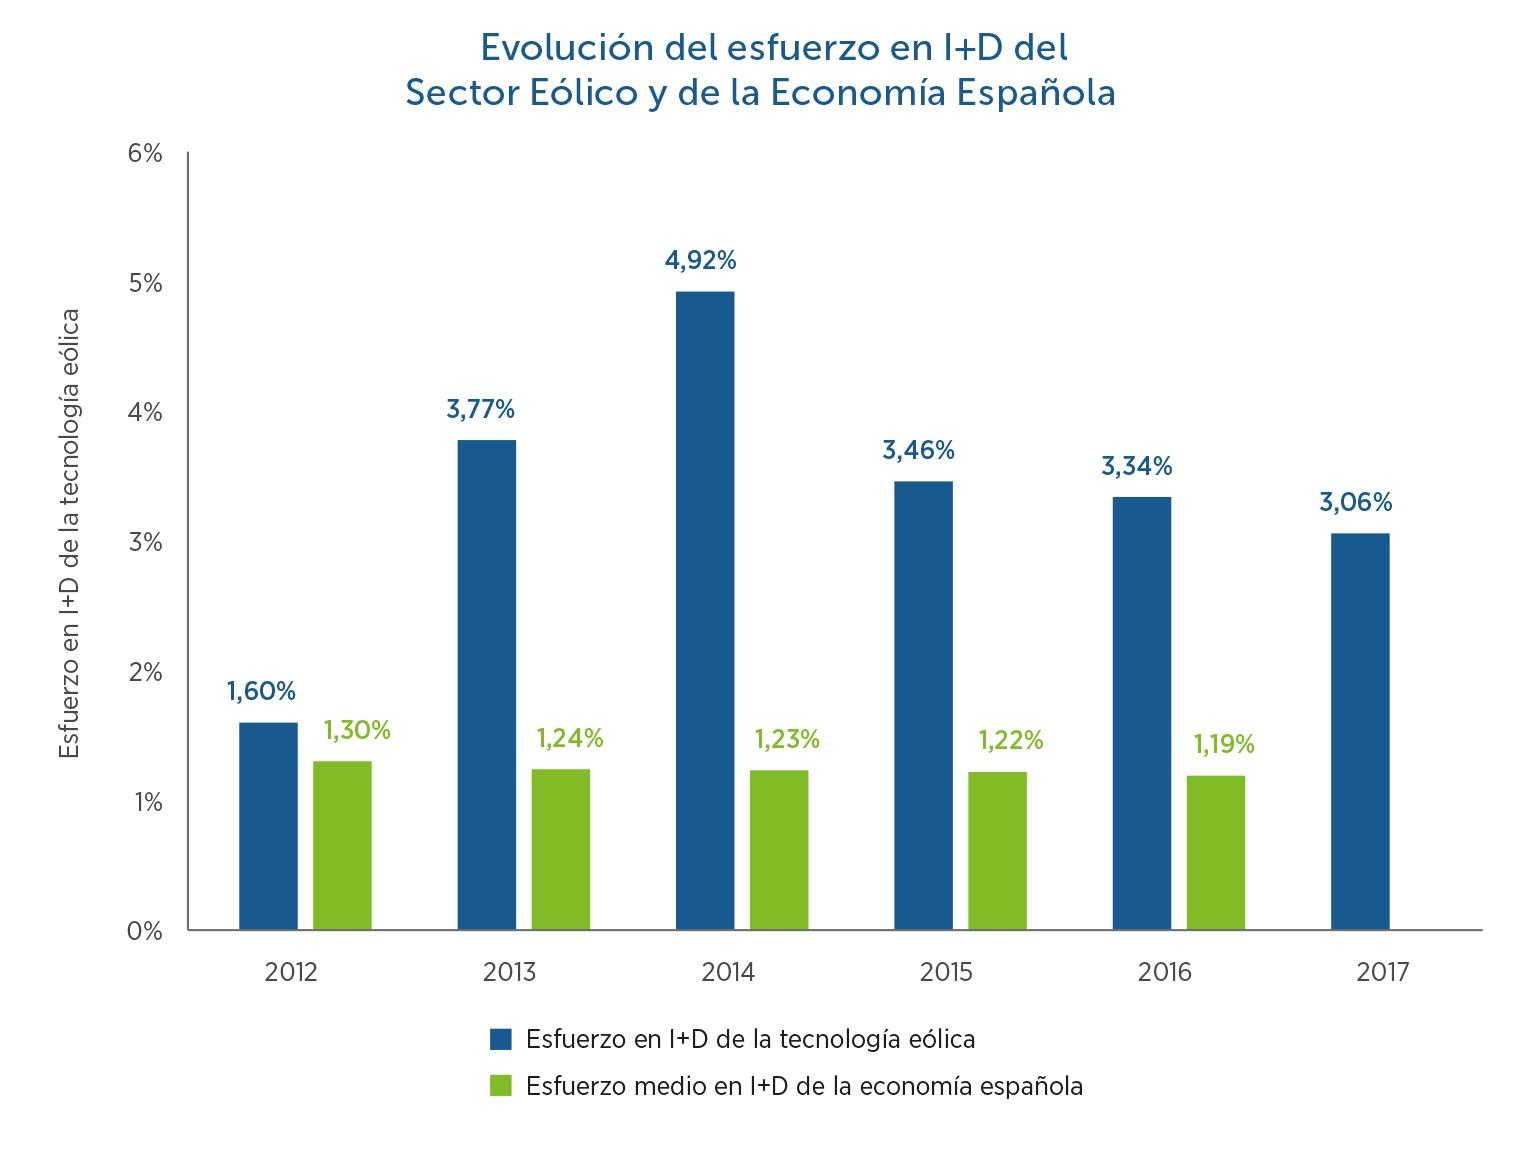 18-Evolucin-del-esfuerzo-en-ID-del-sector-elico-y-de-la-economa-espaola